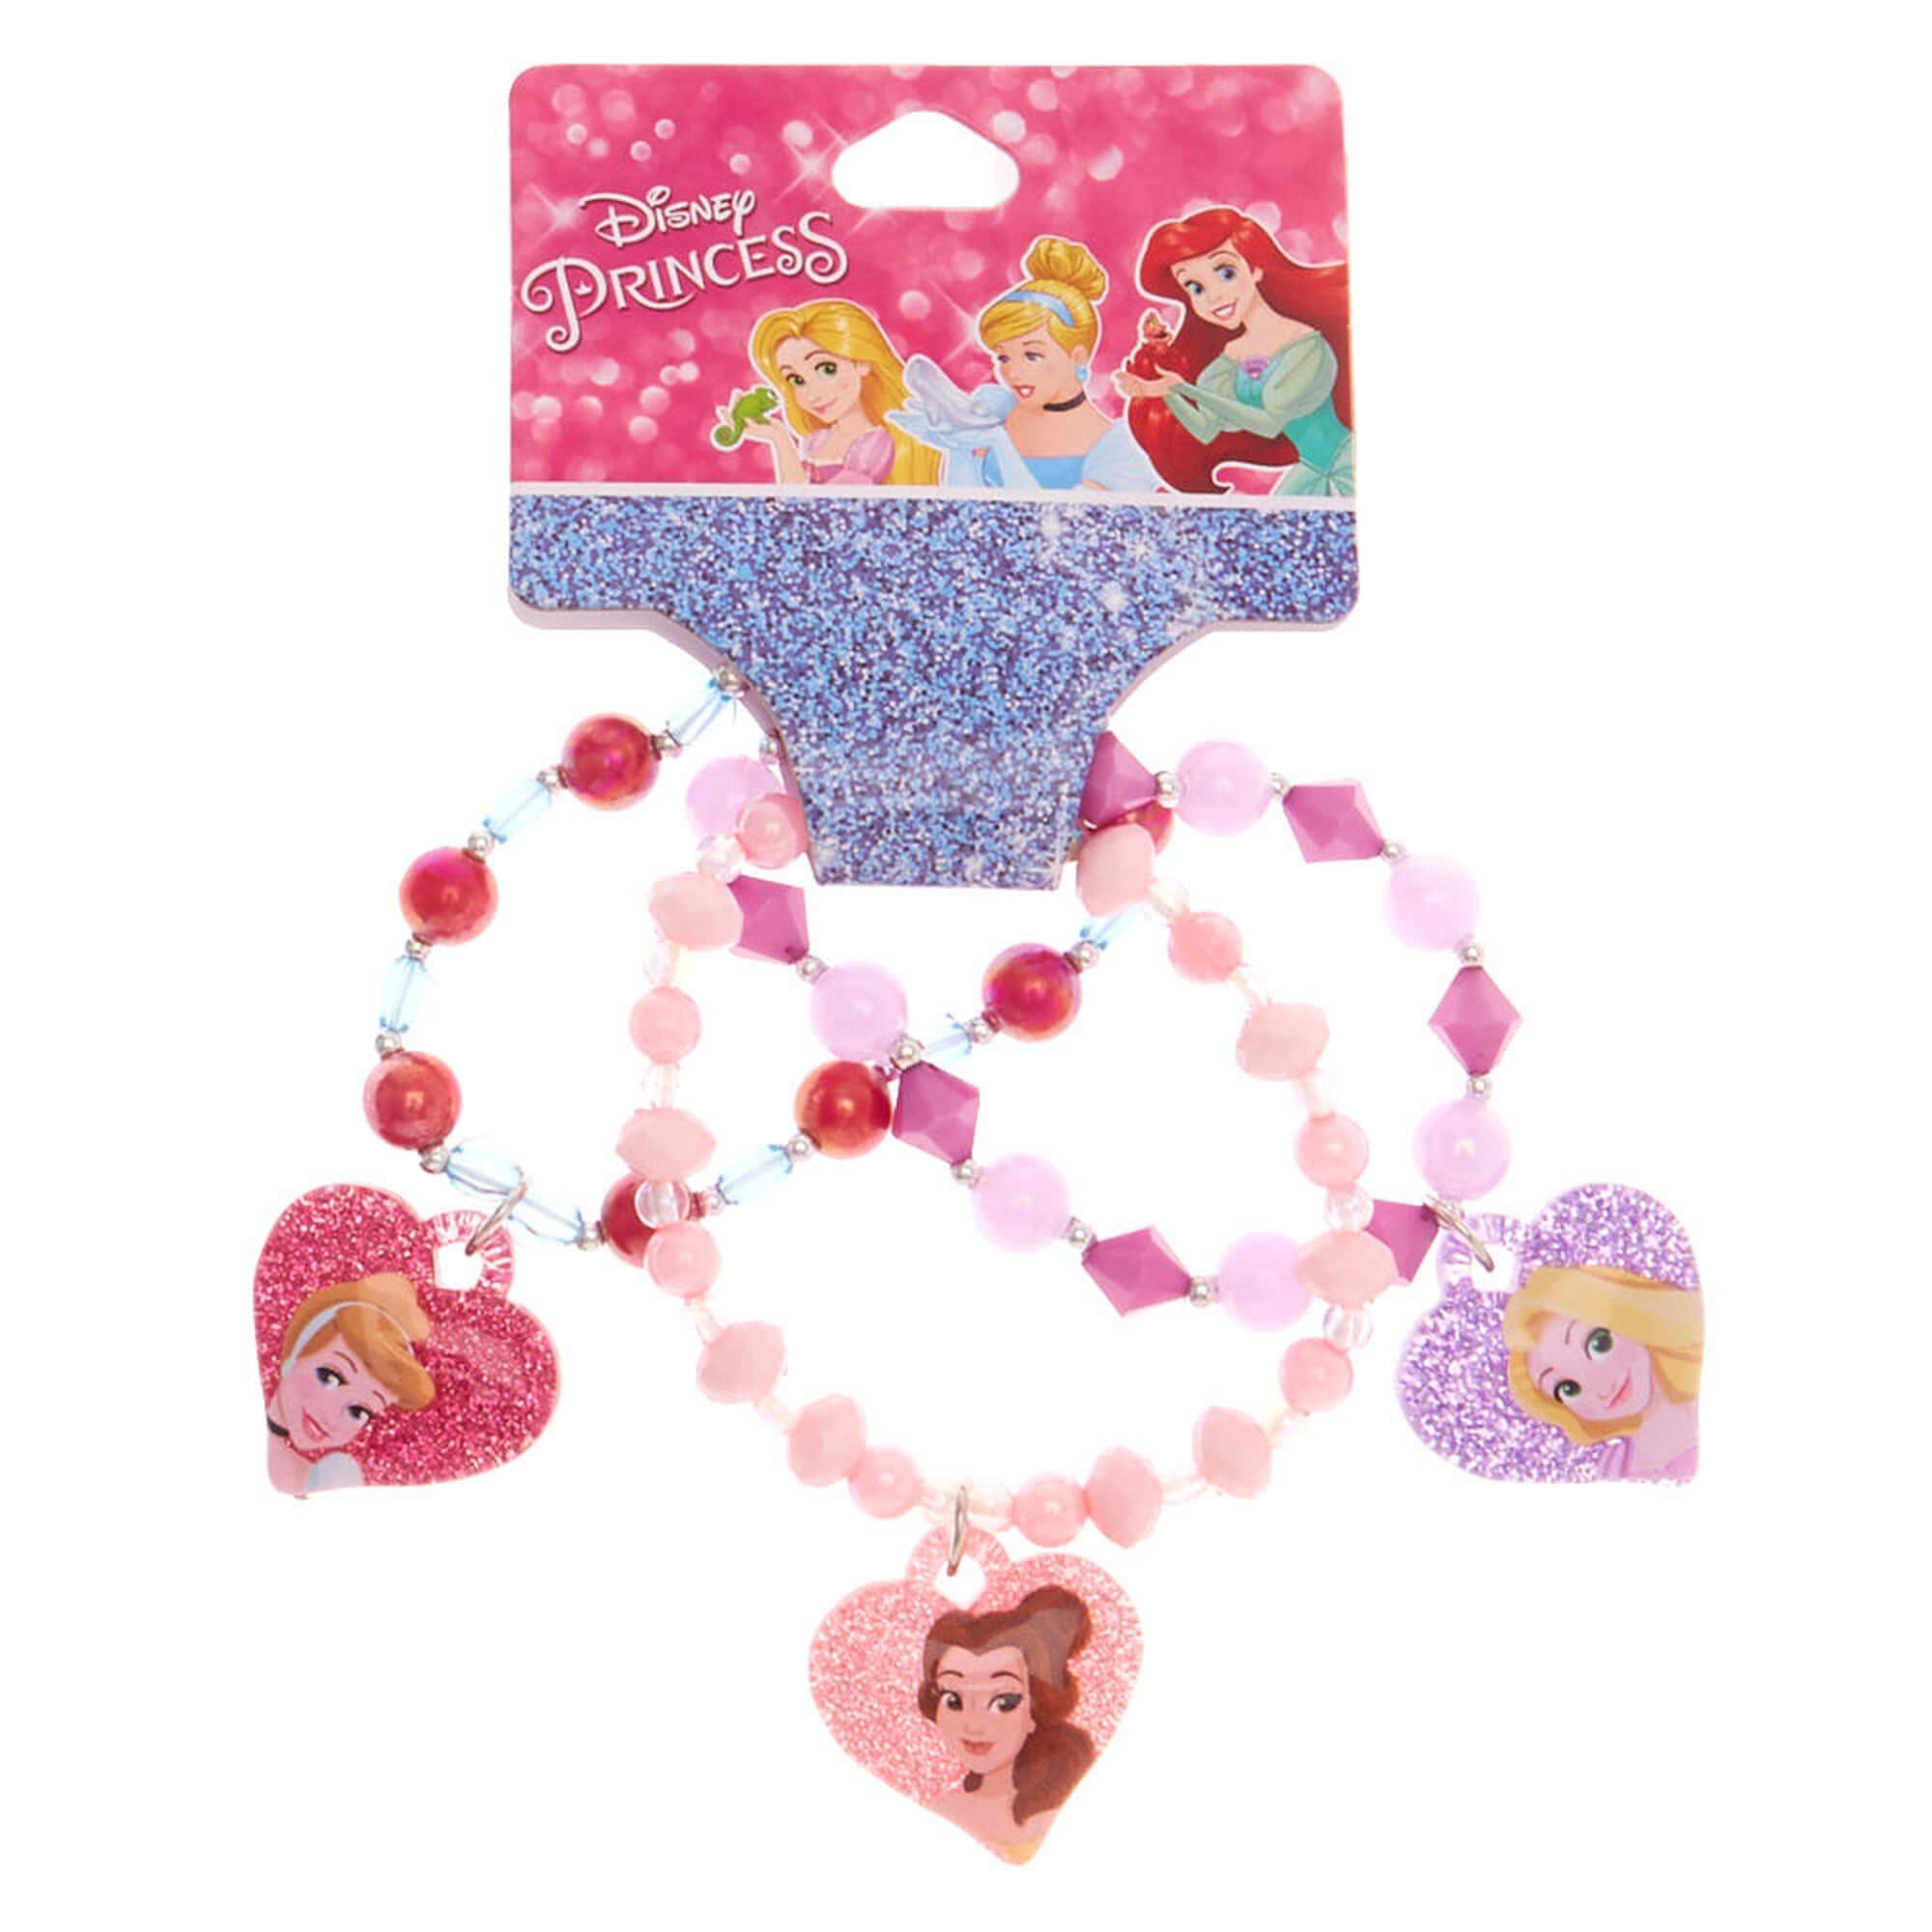 Claire's Disney Princess Charm Bracelets.